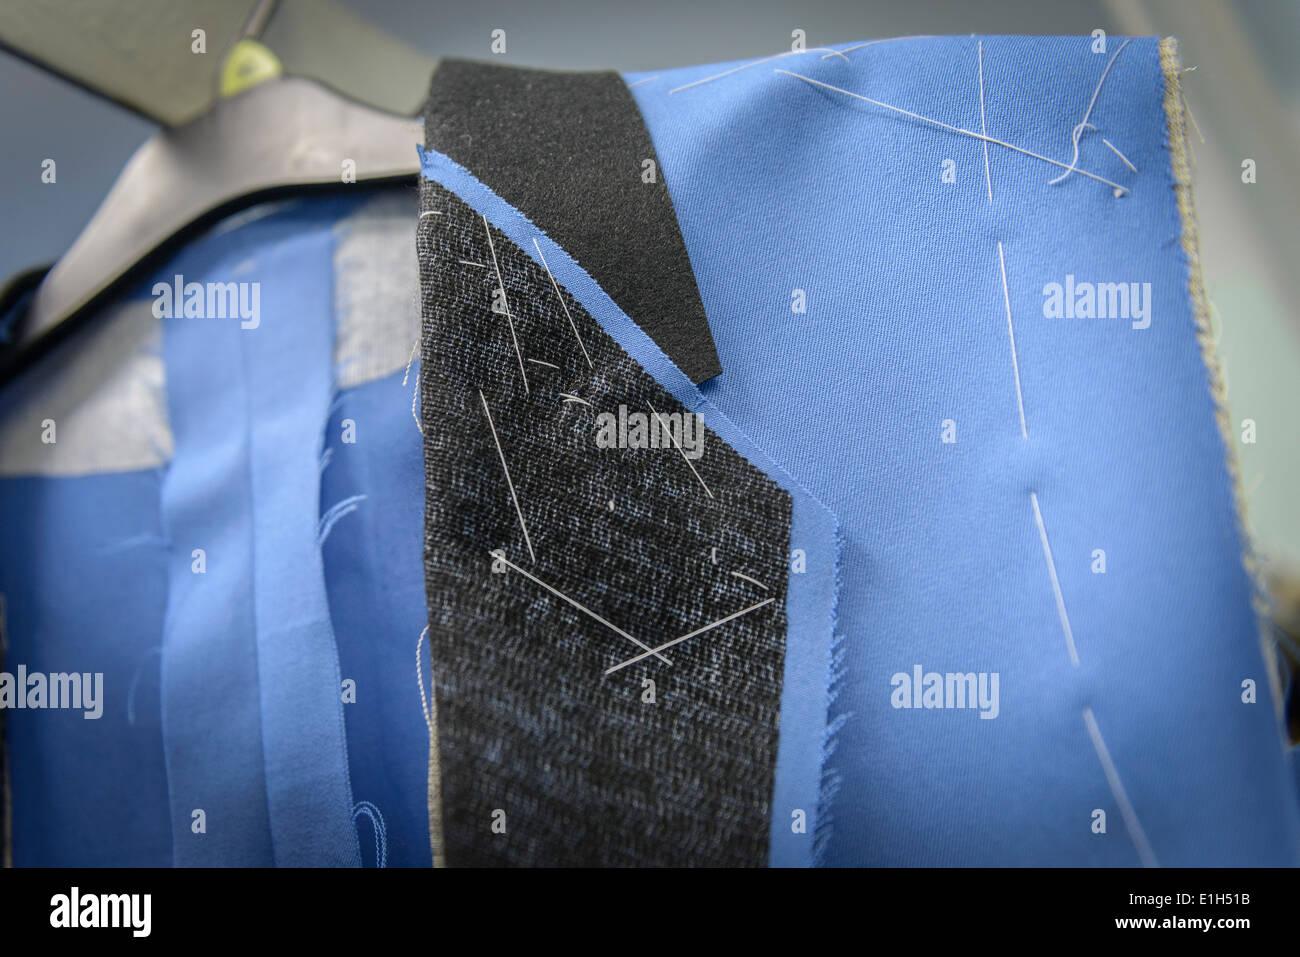 Dettaglio del materiale nella fabbrica di abbigliamento, close up Immagini Stock